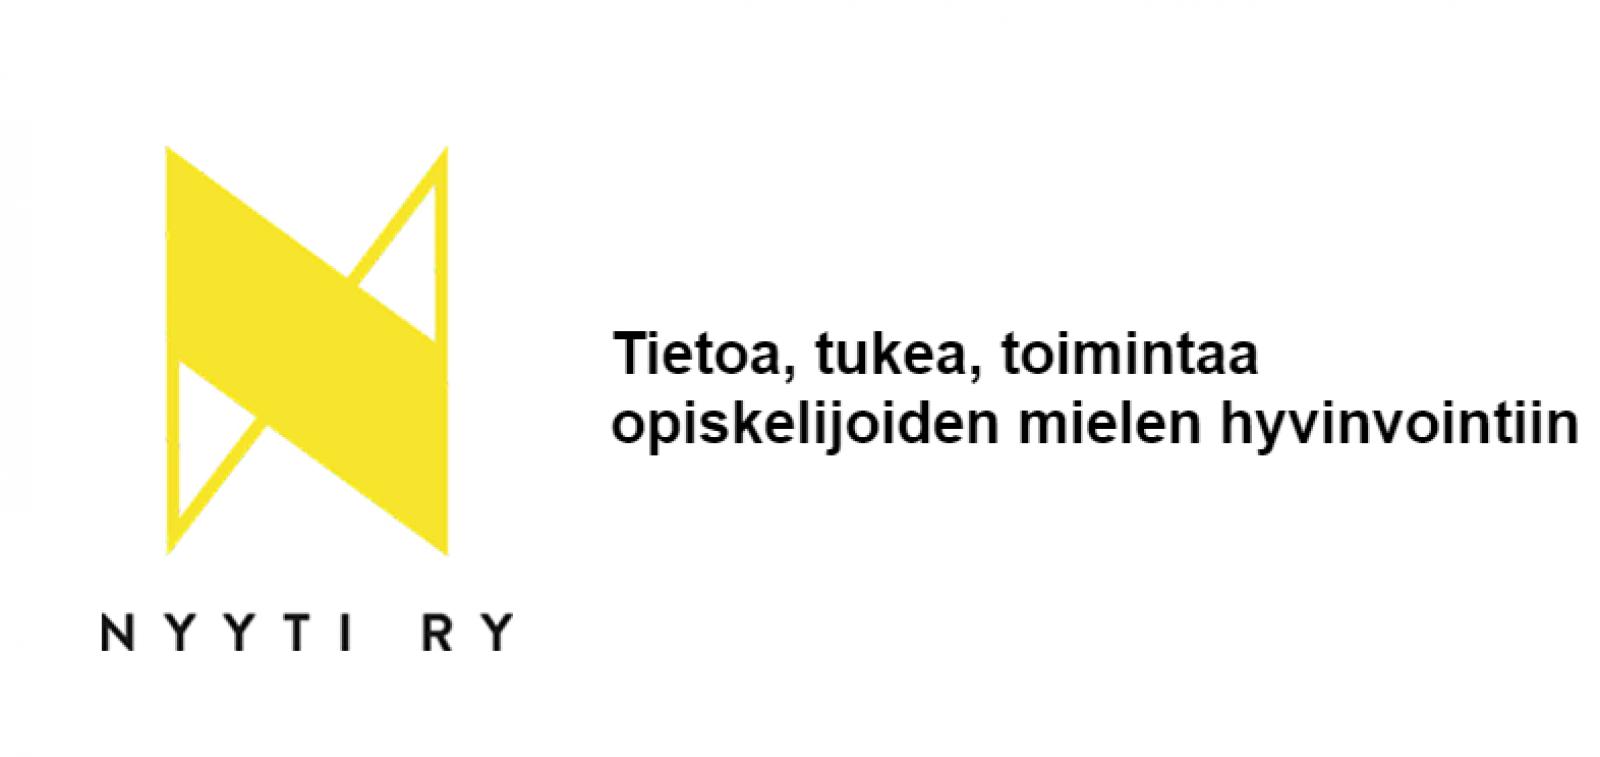 Nyyti ry:n logo tekstillä Tietoa, tukea, toimintaa opiskelijoiden mielen hyvinvointiin